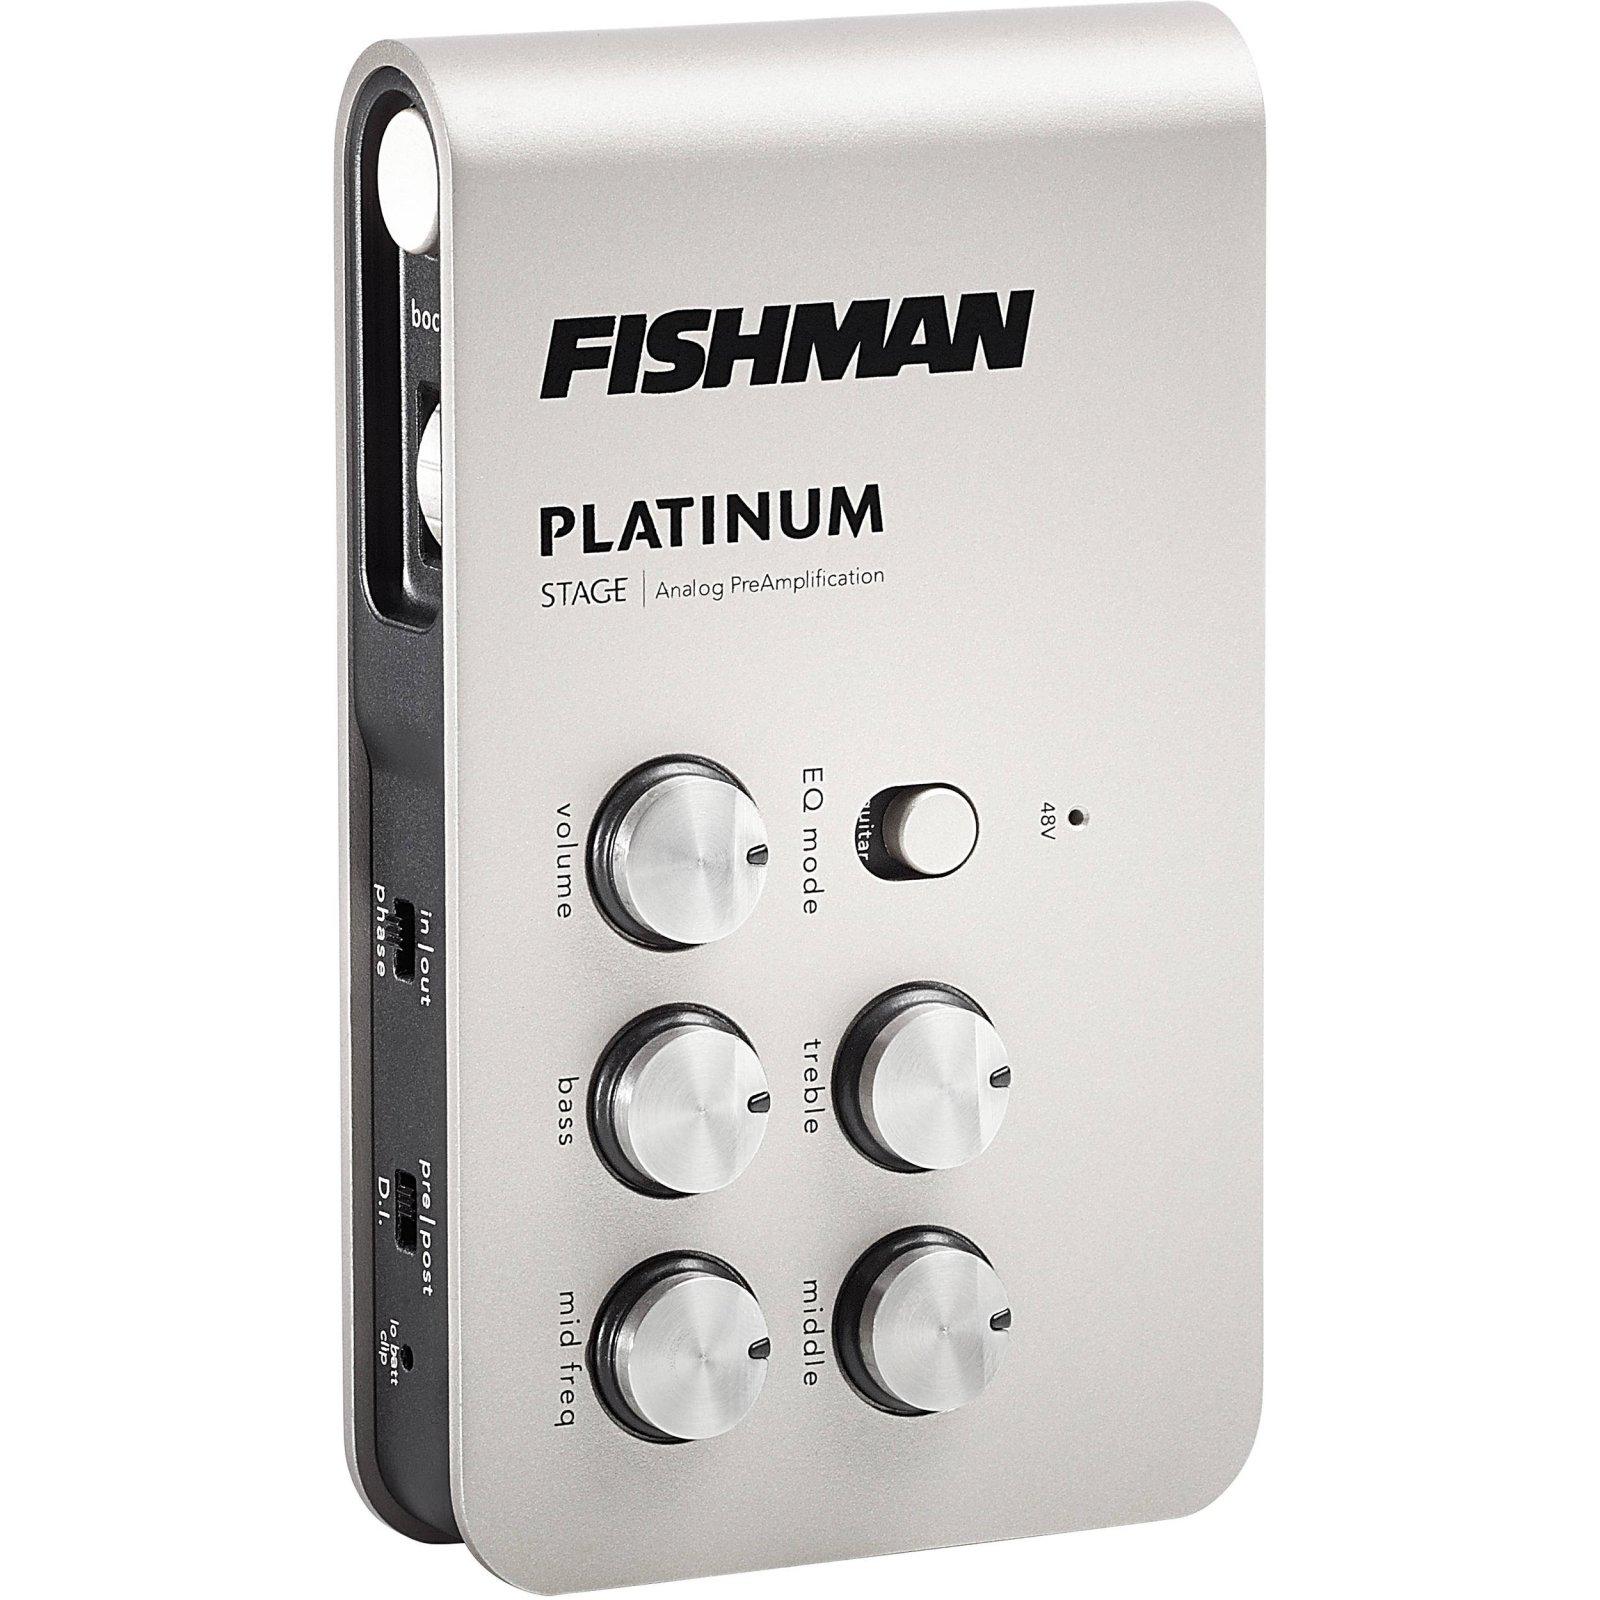 Fishman Platinum Stage PreAmp and DI